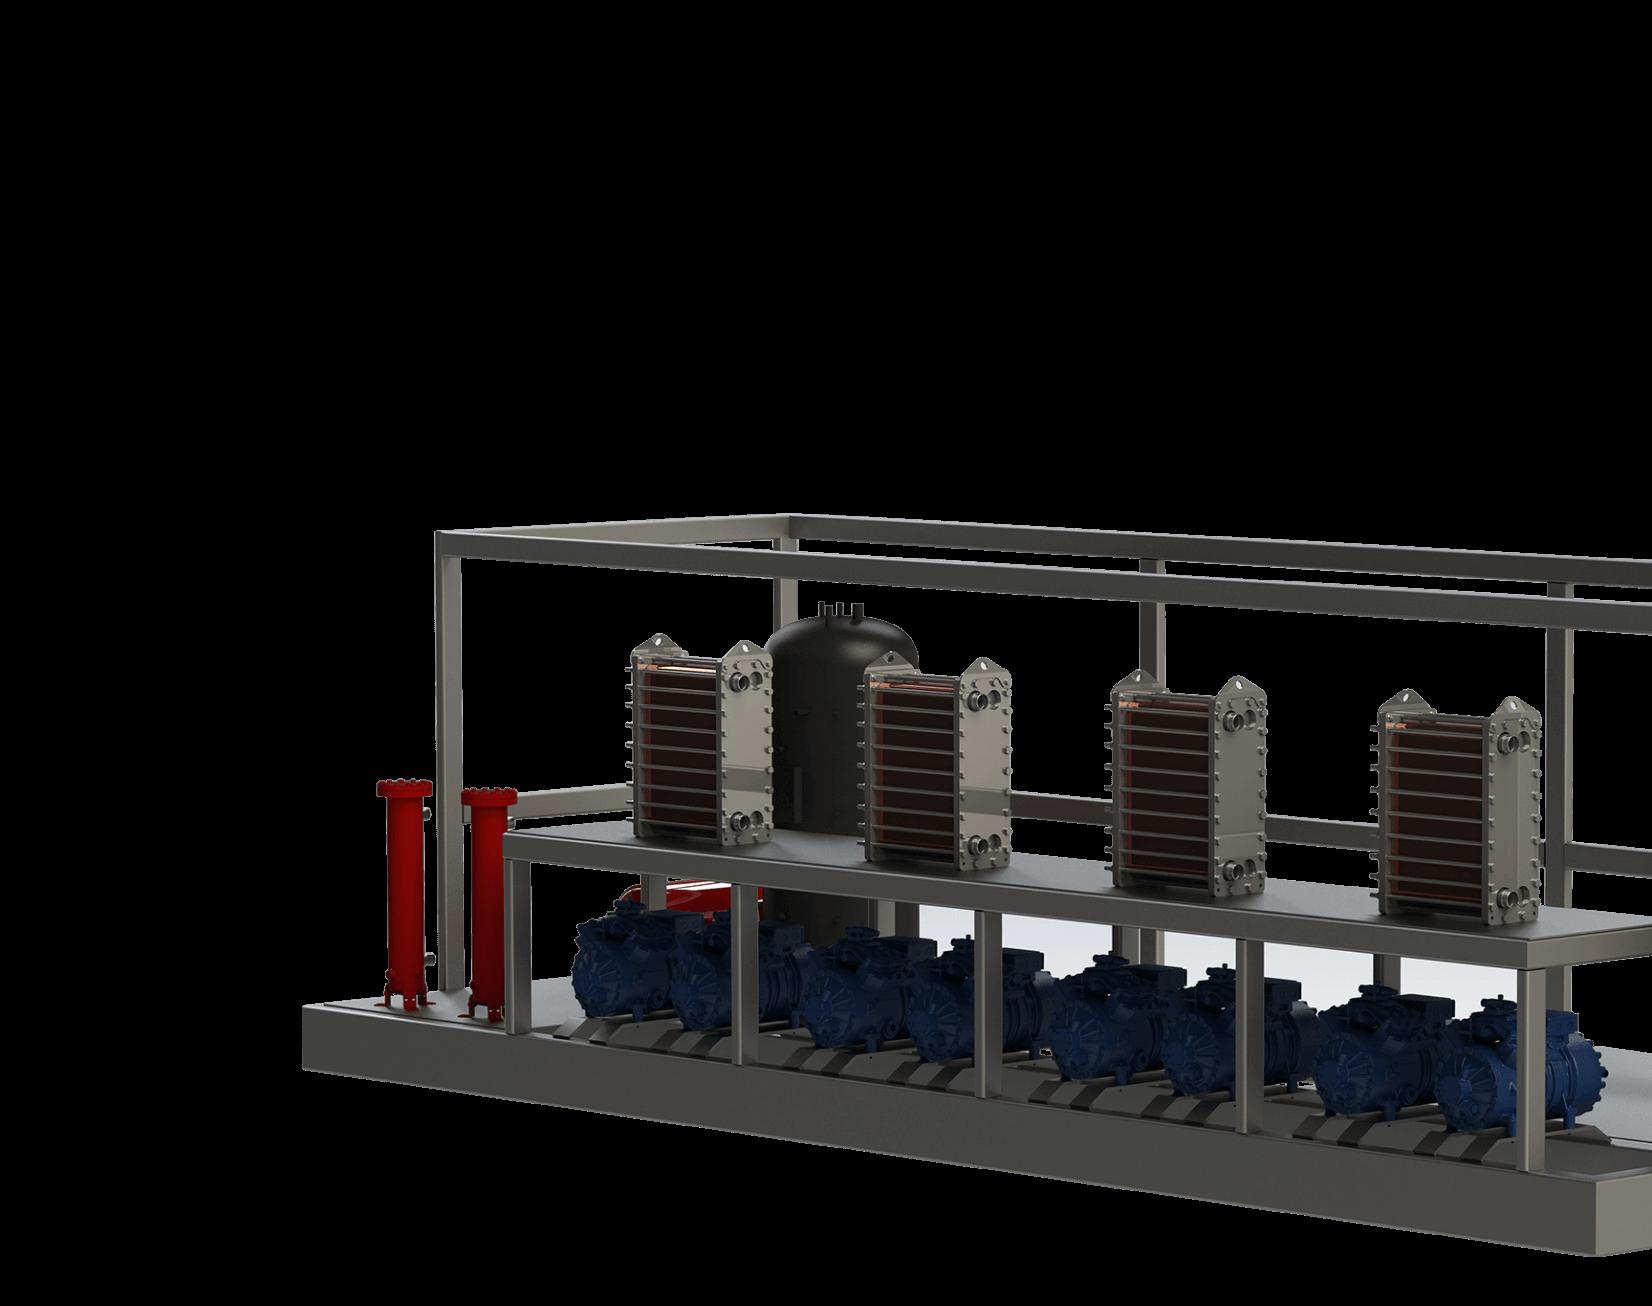 Équipement détouré | Centrale thermique | Modélisation